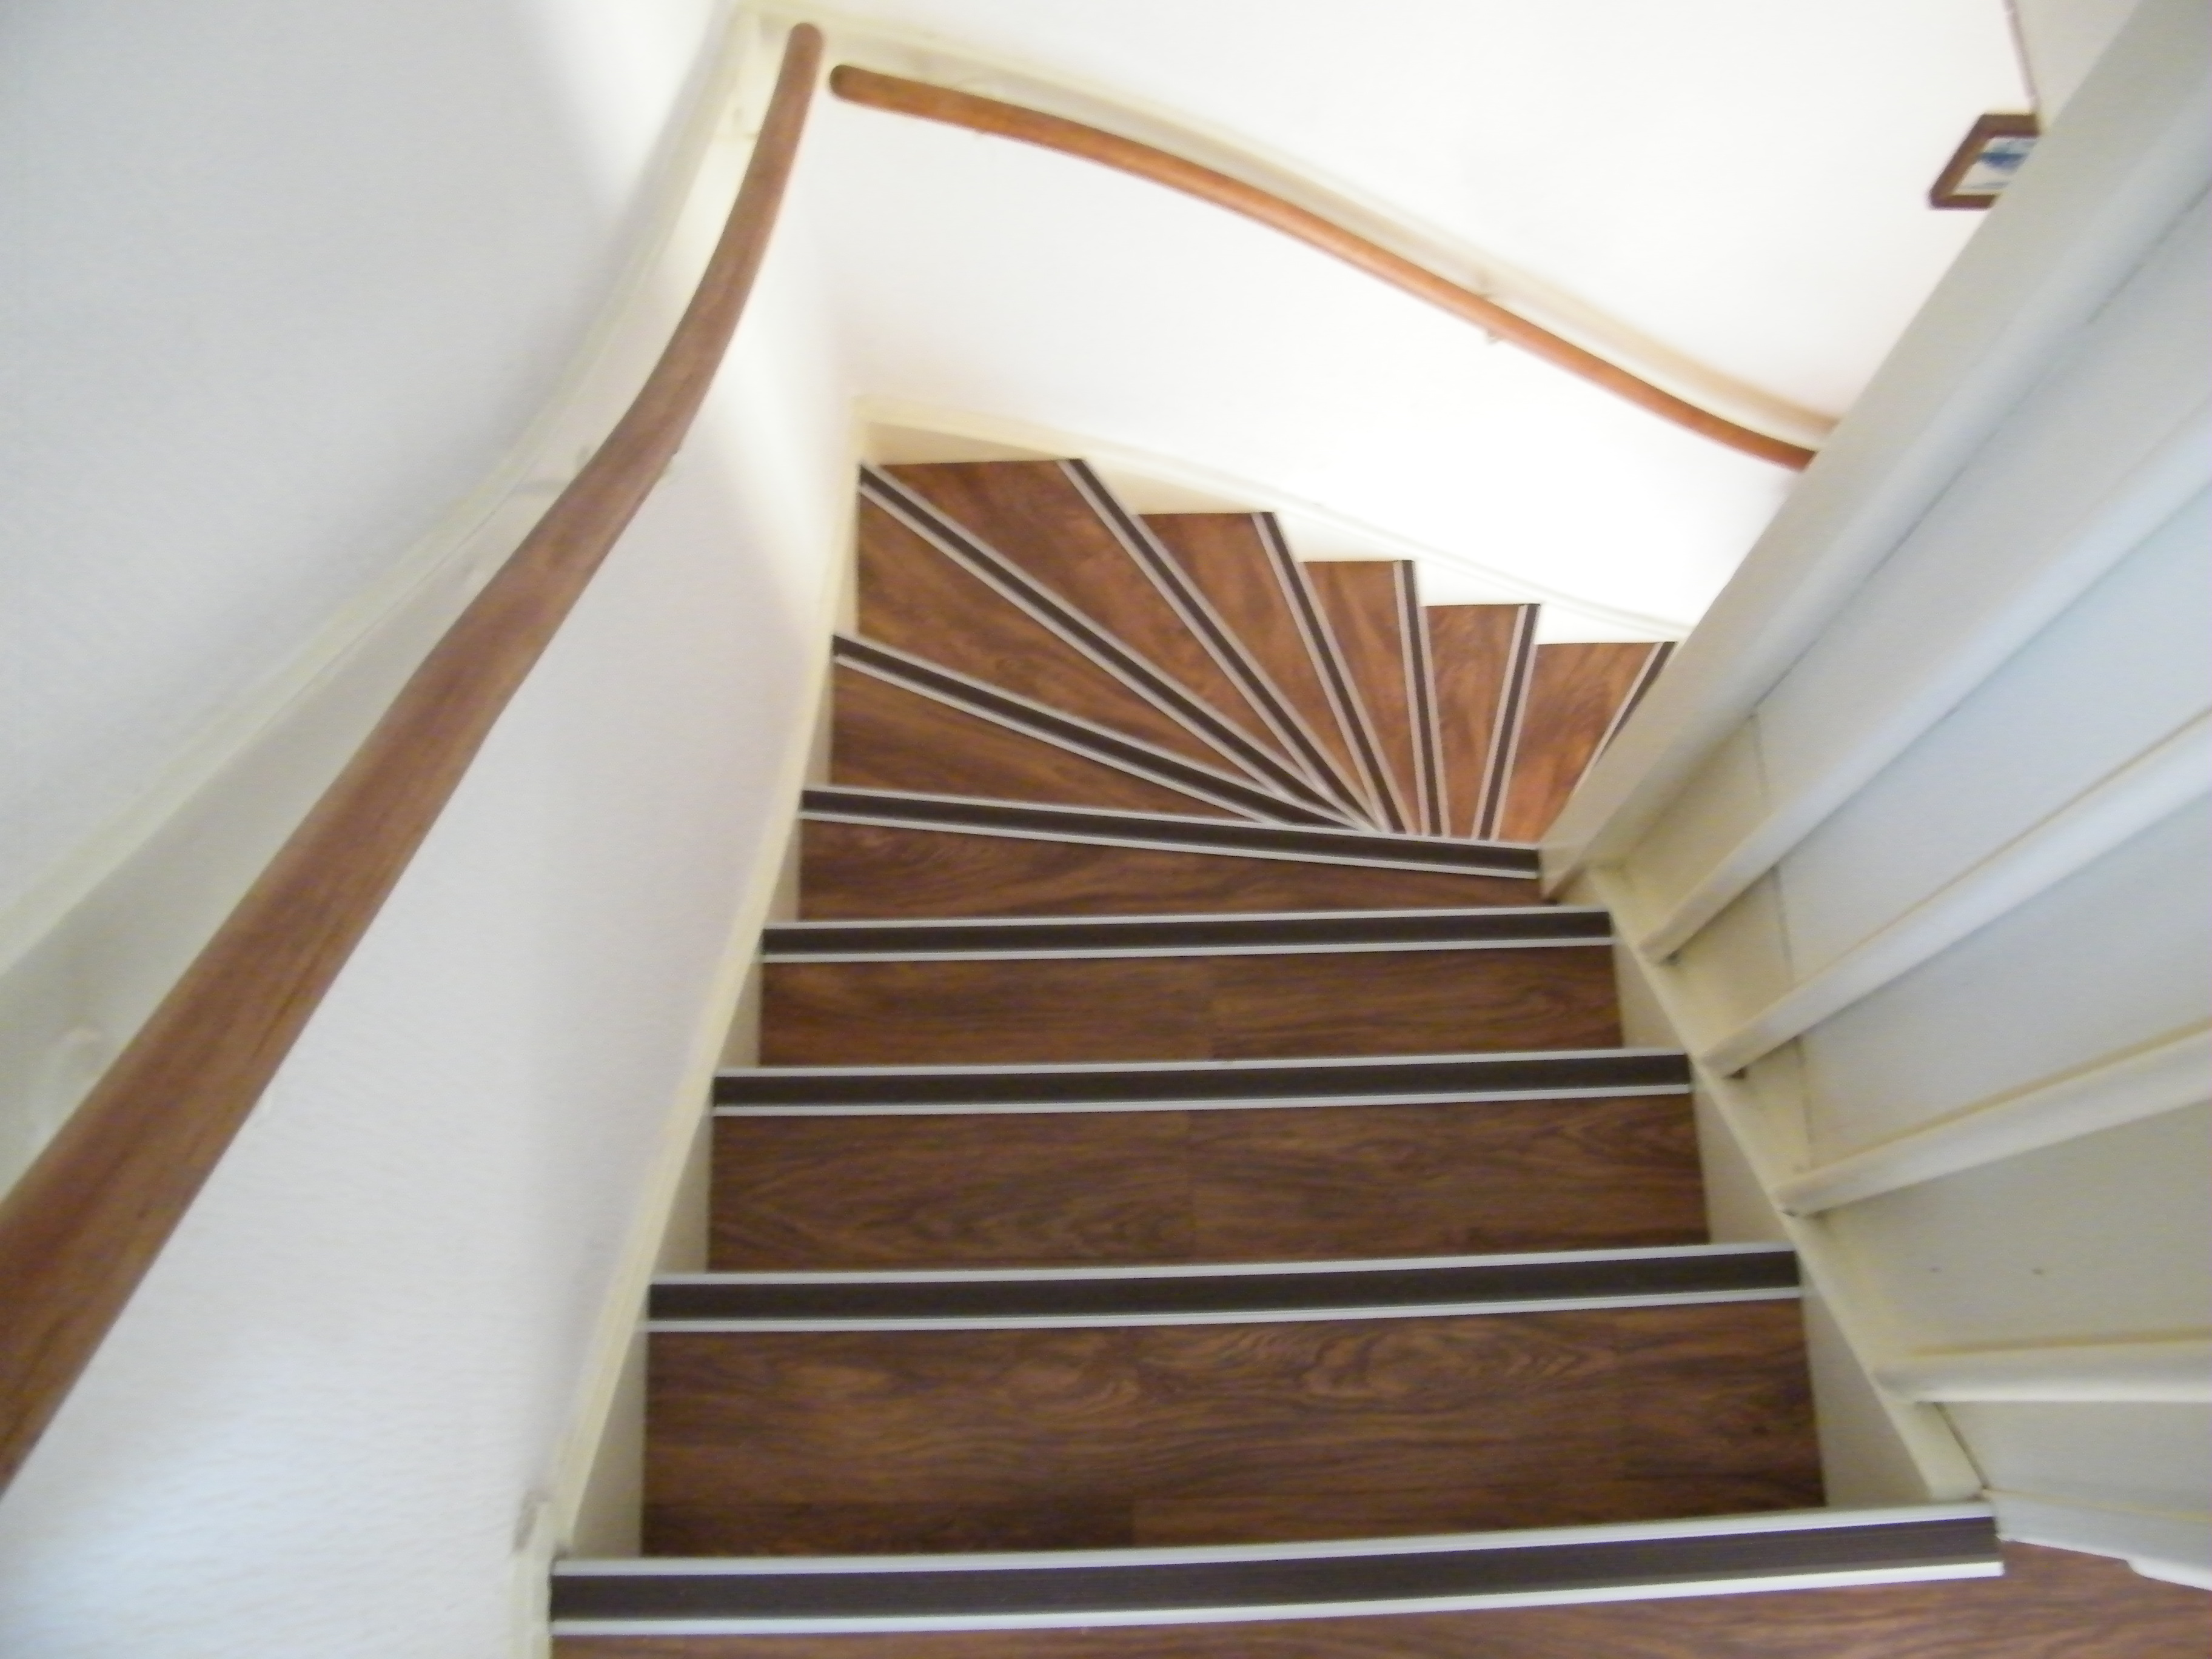 mag ik mijn trap maken zoals ik dat wil trap met kwart